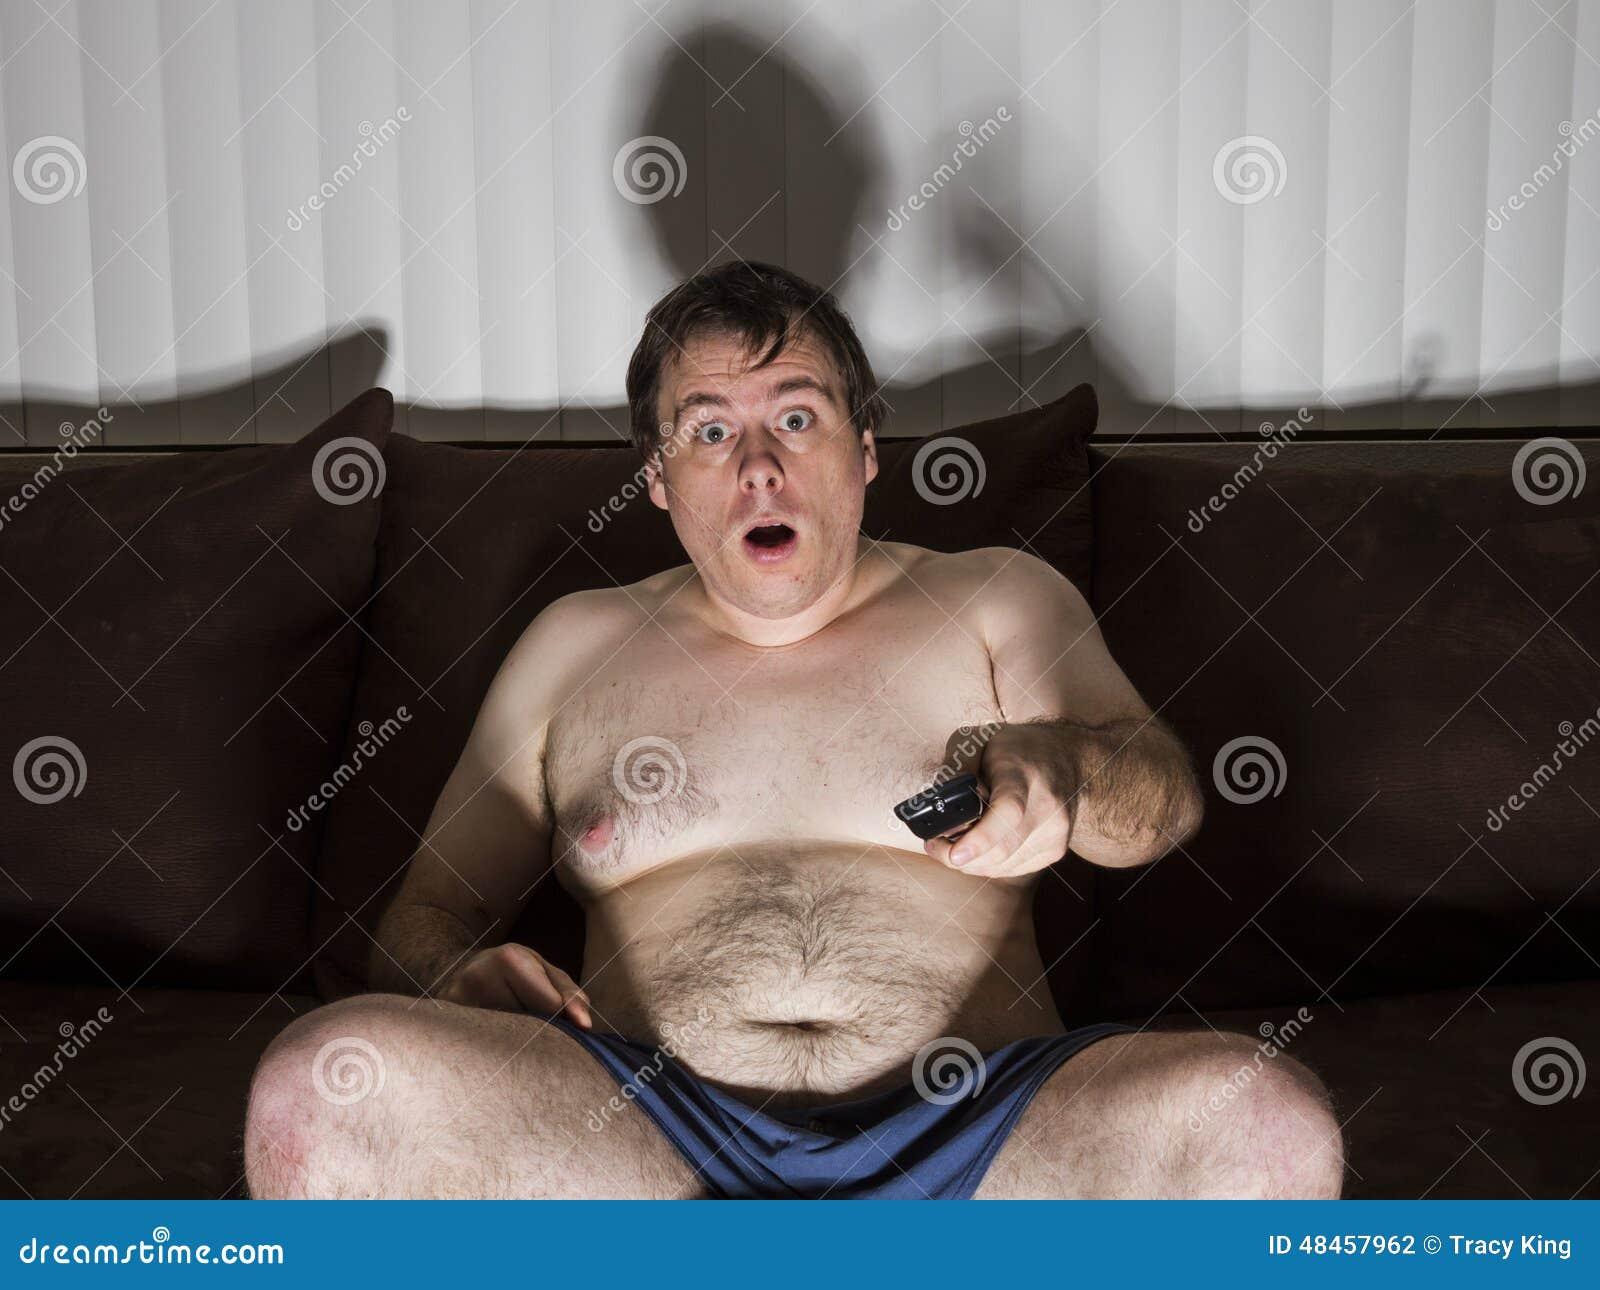 Ashley tisdal nude fucking